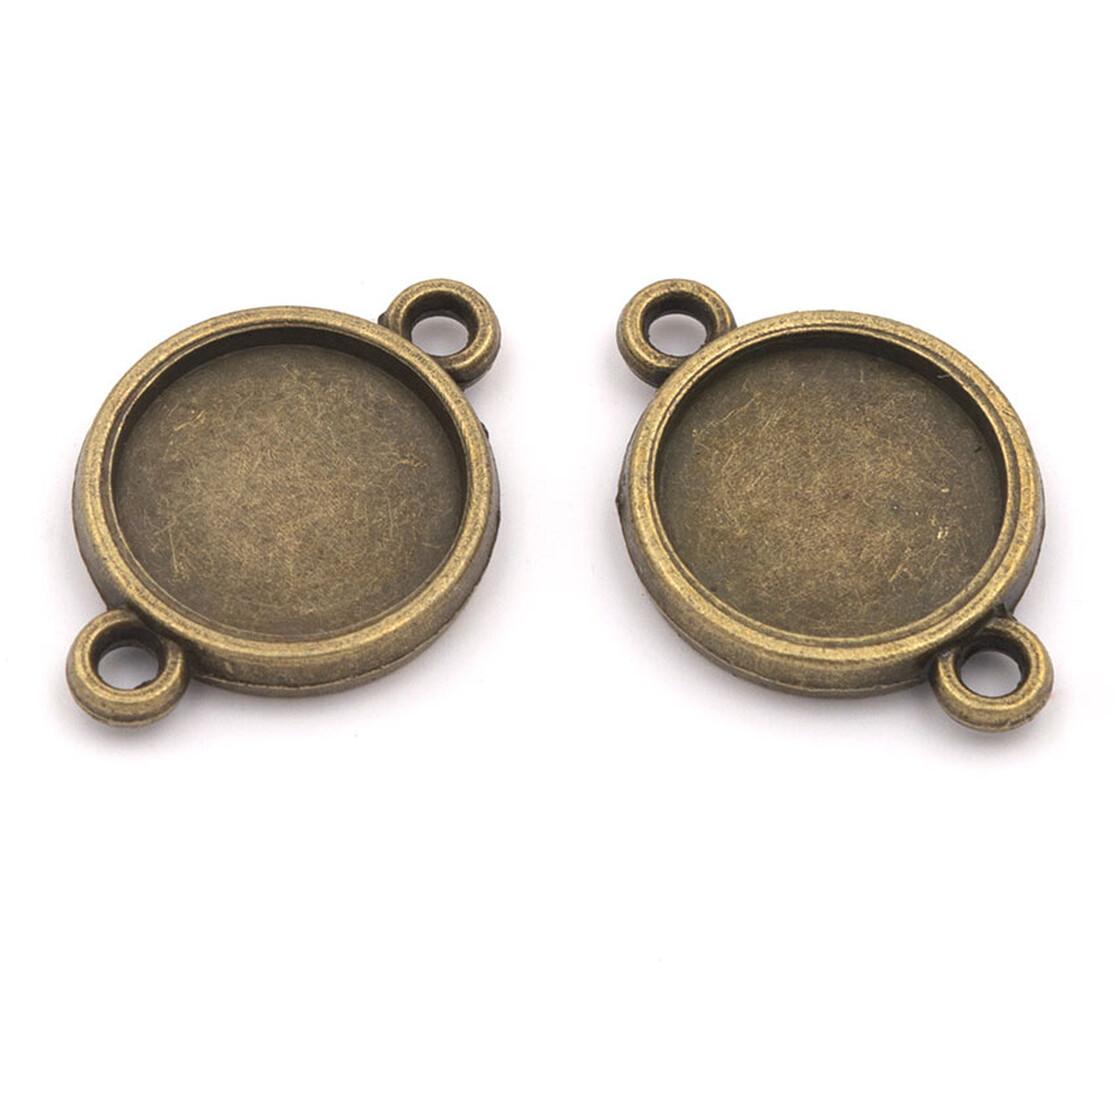 6 doppelseitige Fassungen für 12 mm Cabochons in antik Bronze